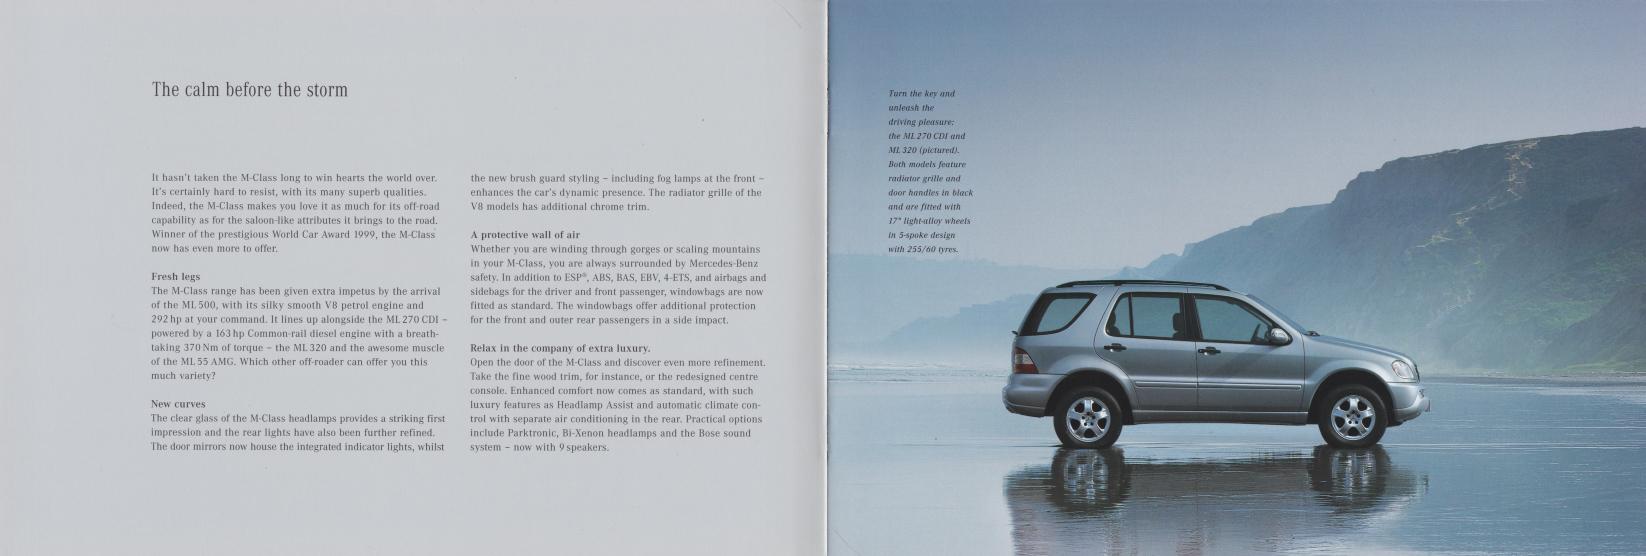 (W163): Catálogo 2001 (2) - inglês 002